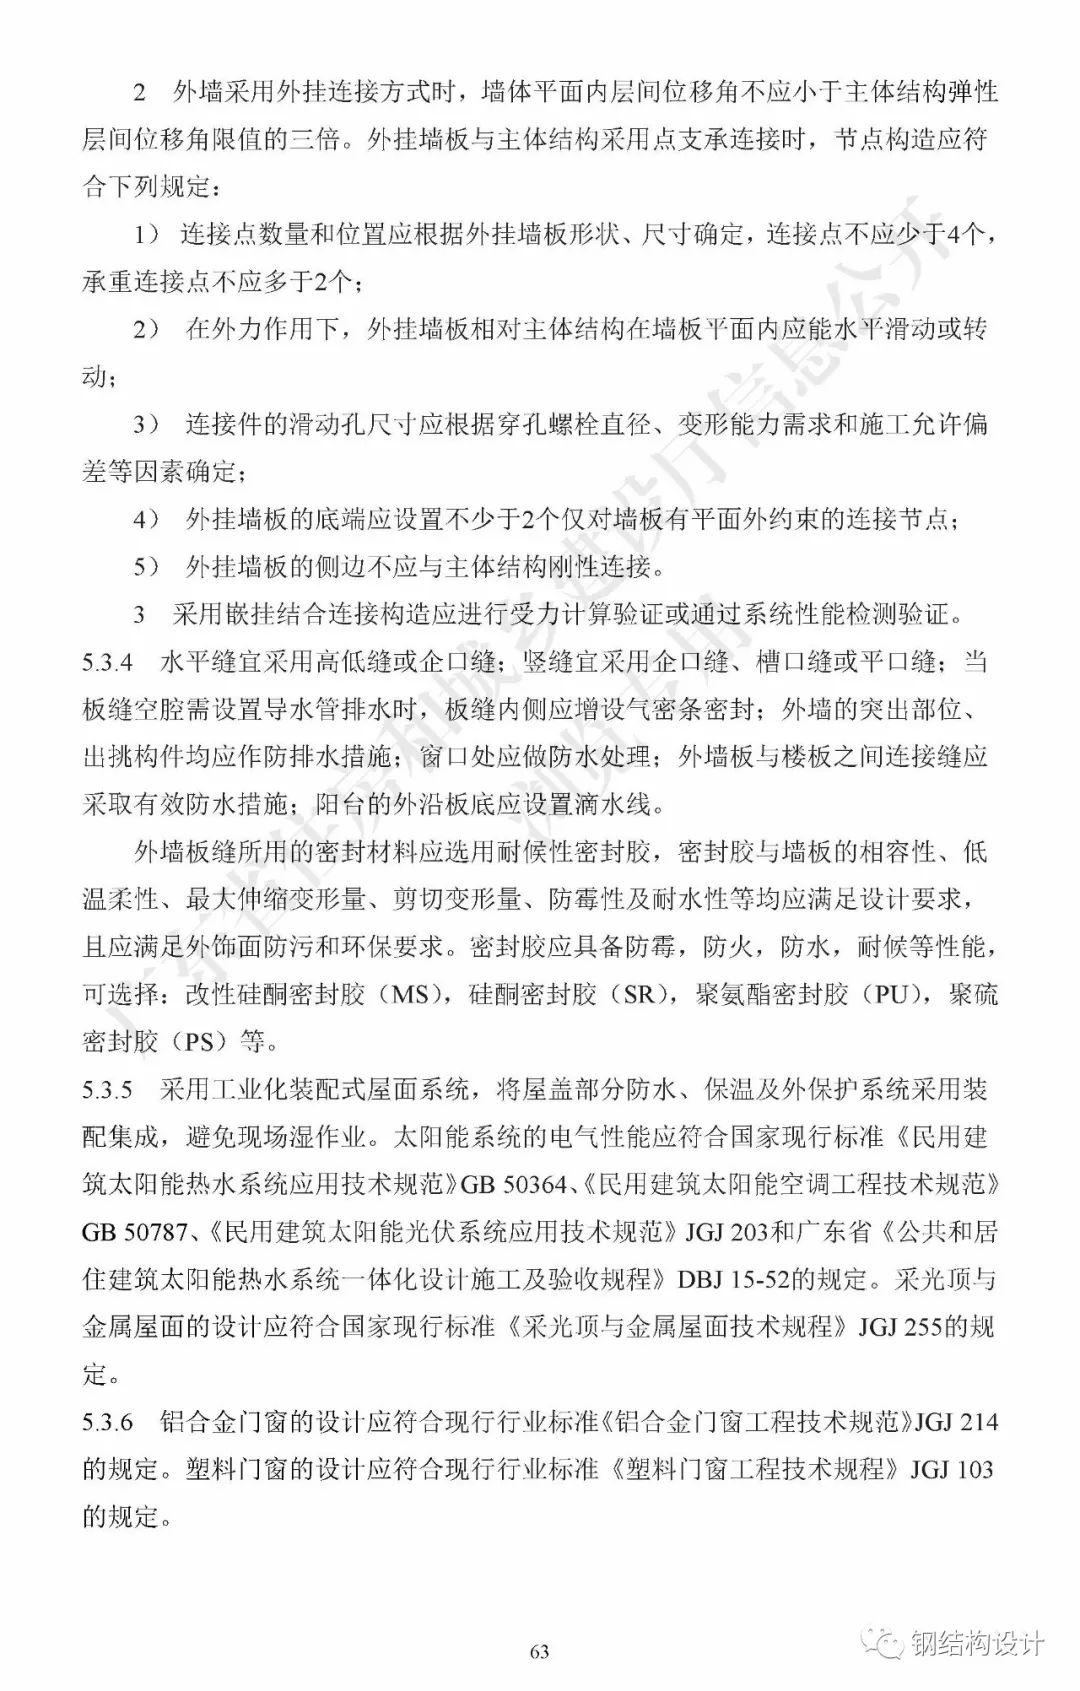 广东省《装配式钢结构建筑技术规程》发布_73